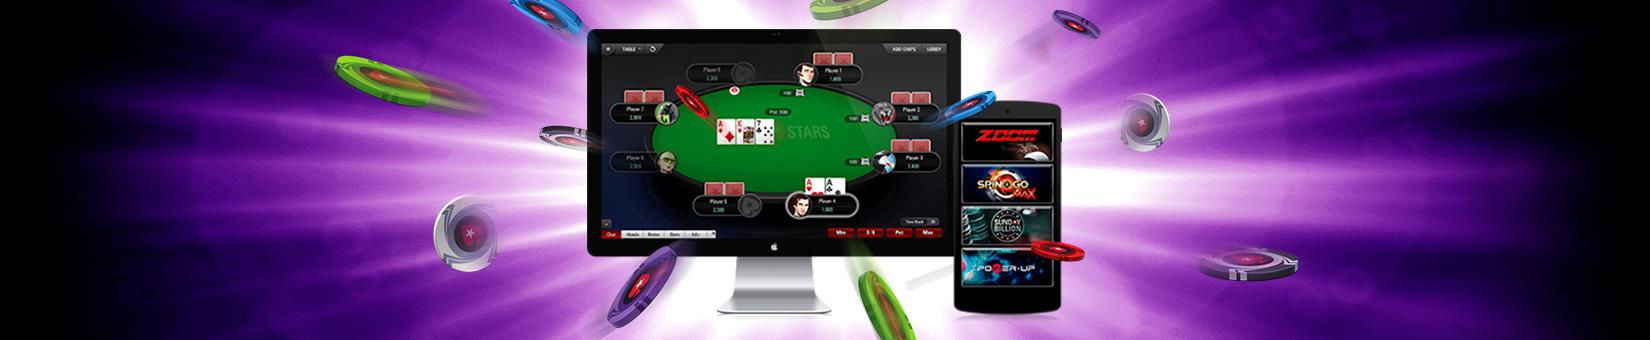 Играть онлайн в покер старс бесплатно заработать в интернет казино без вложений с выводом денег